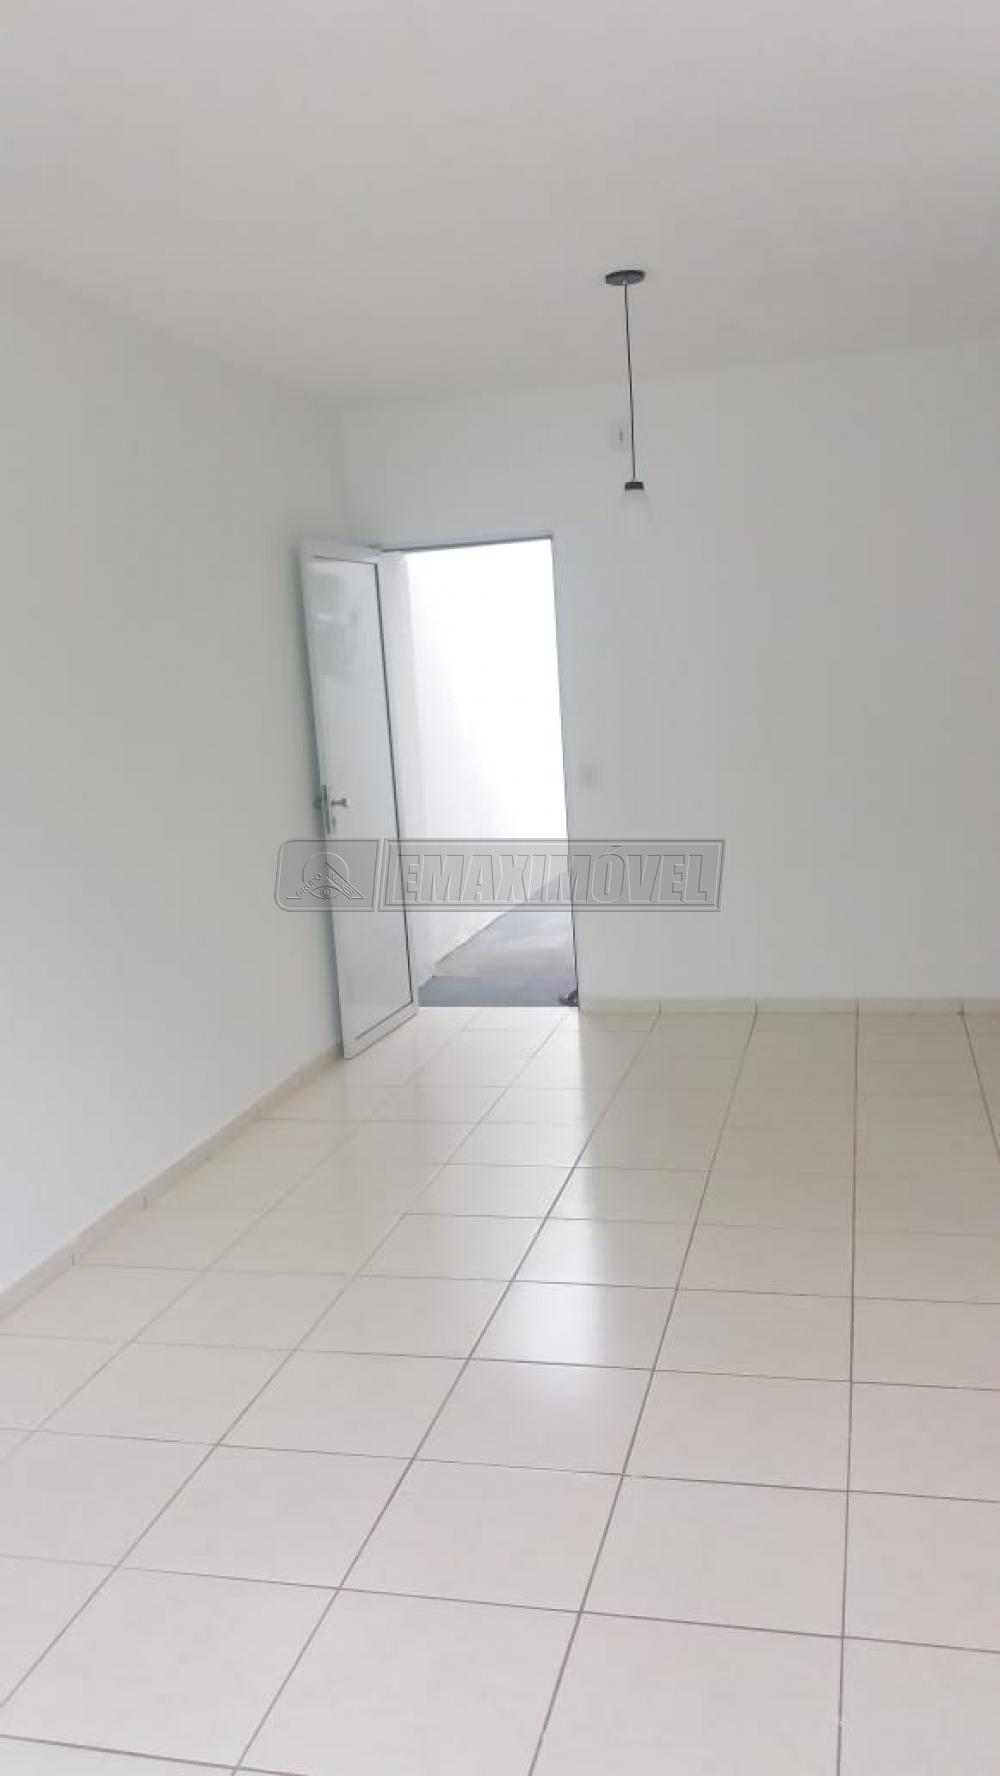 Comprar Casas / em Condomínios em Sorocaba apenas R$ 245.000,00 - Foto 3